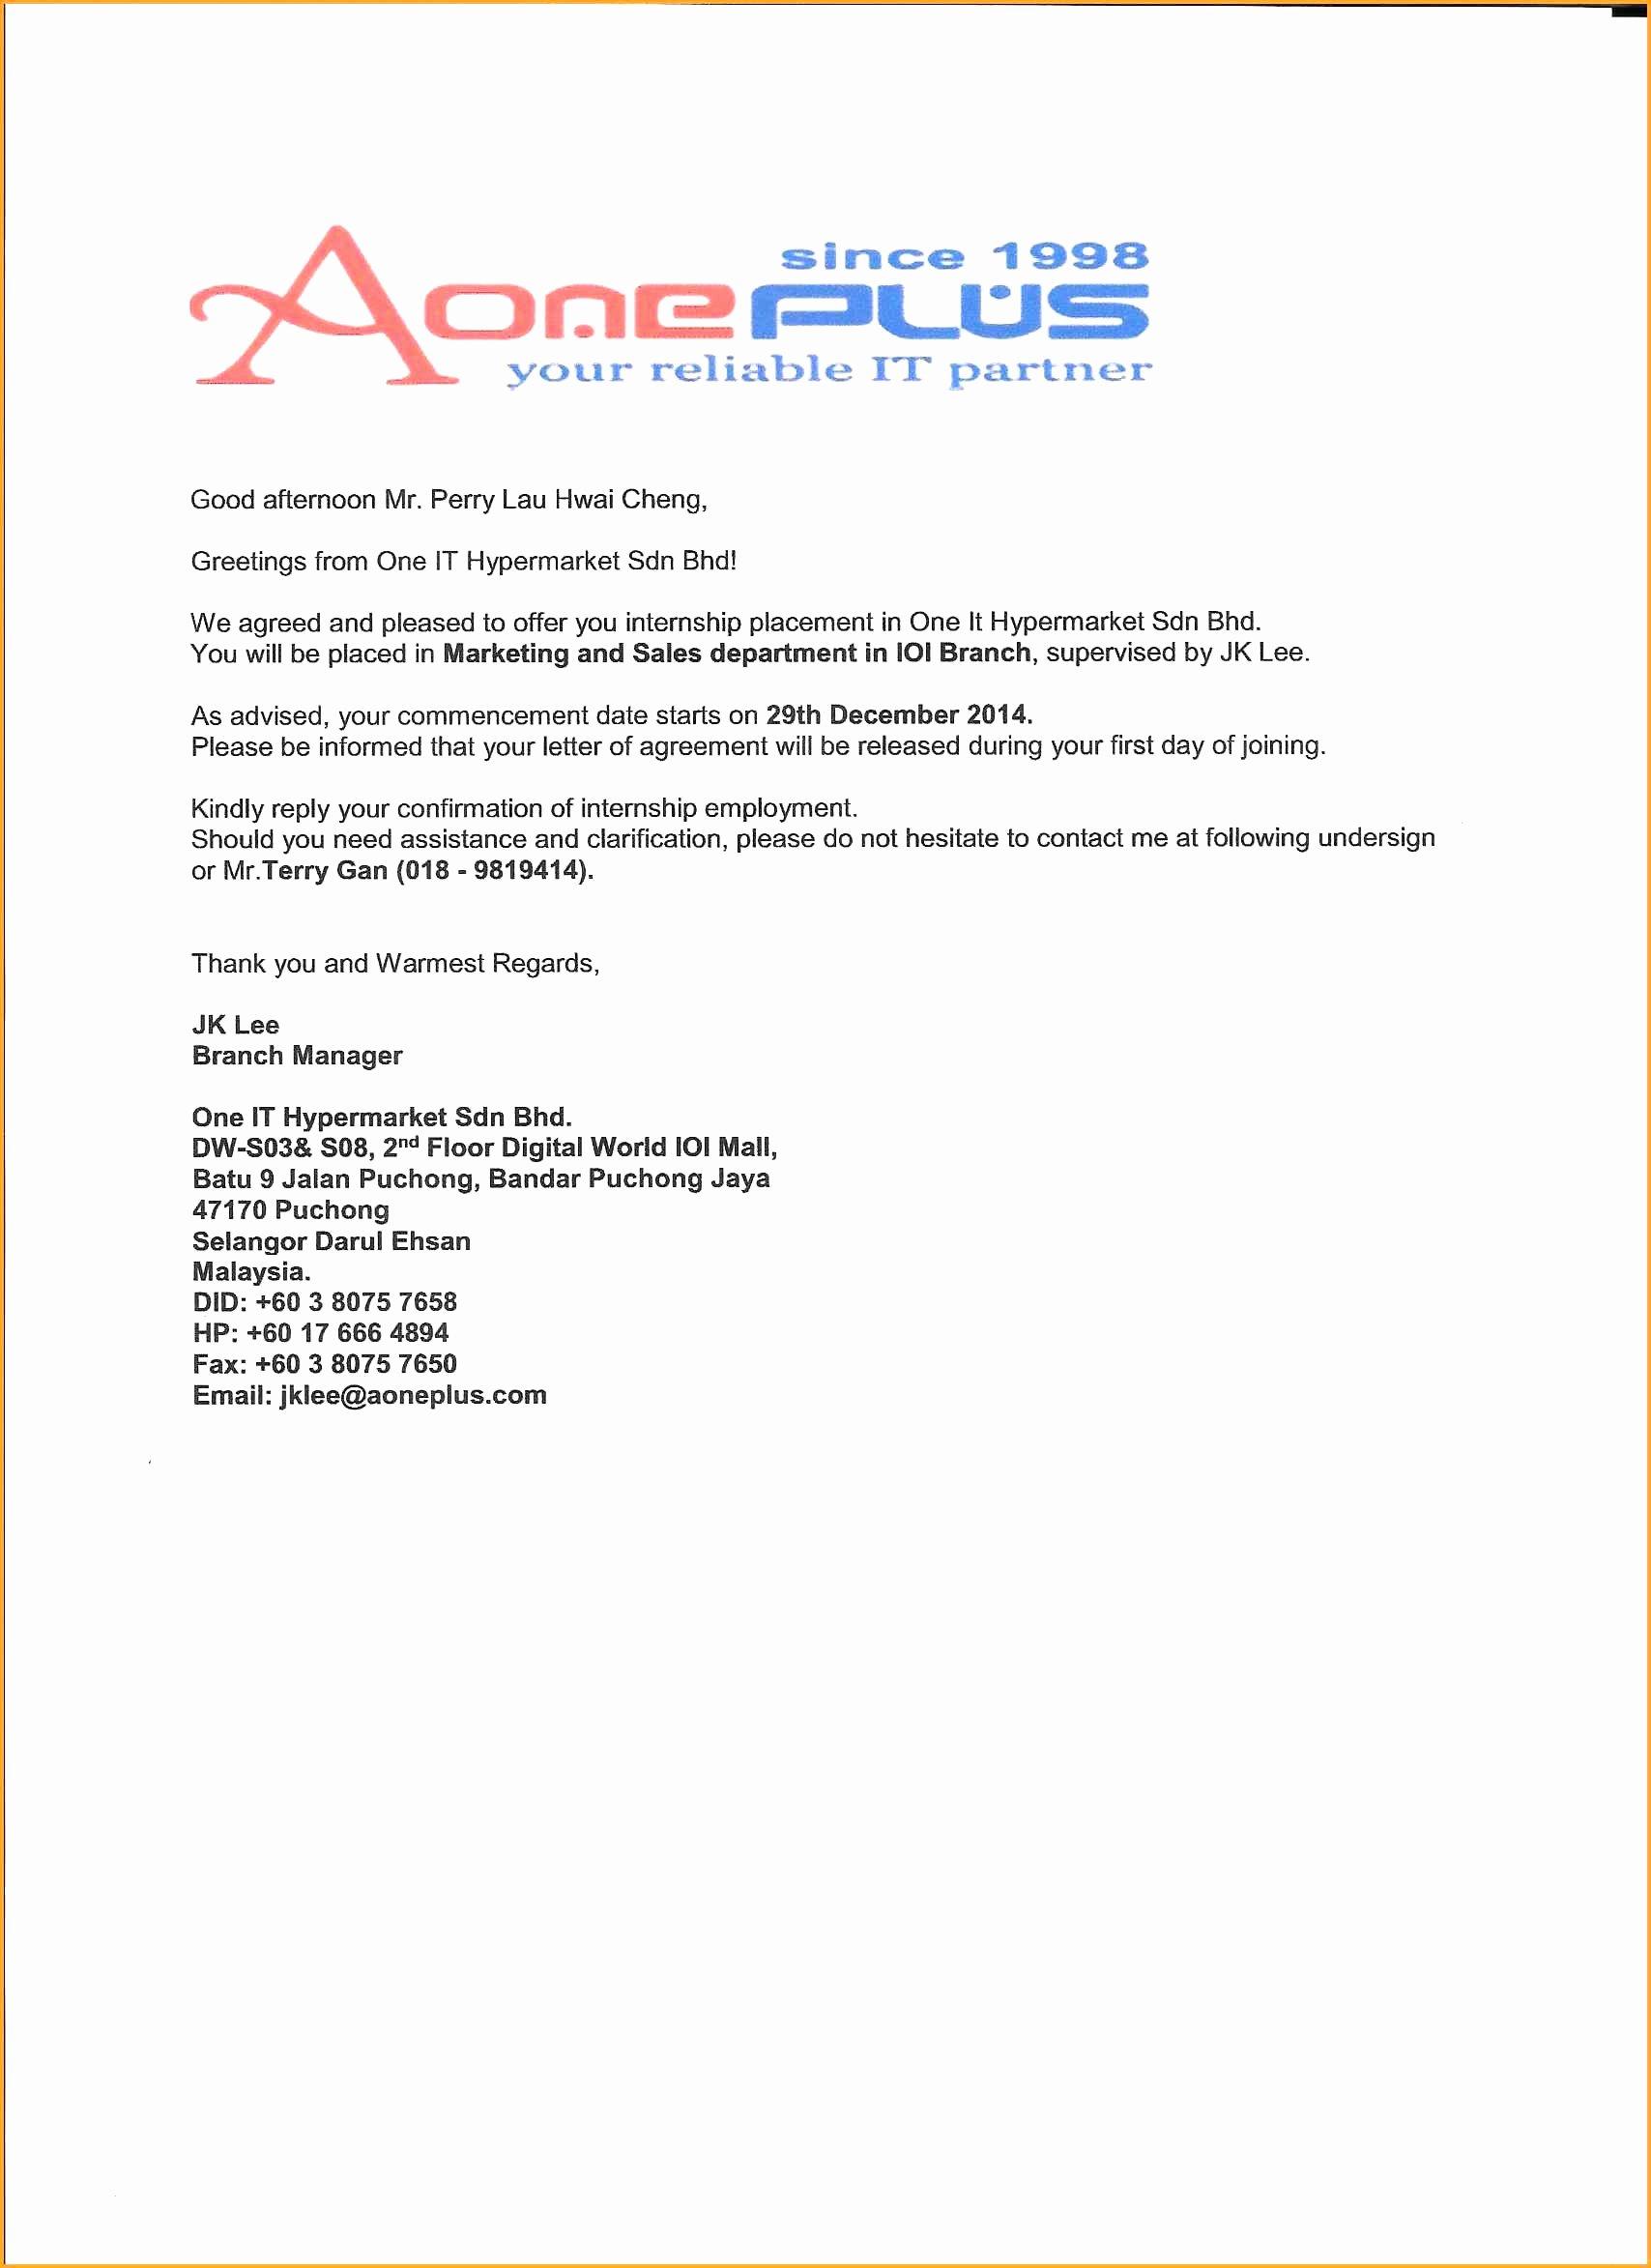 Internship Offer Letter Template Elegant 15 Internship Letter From Pany